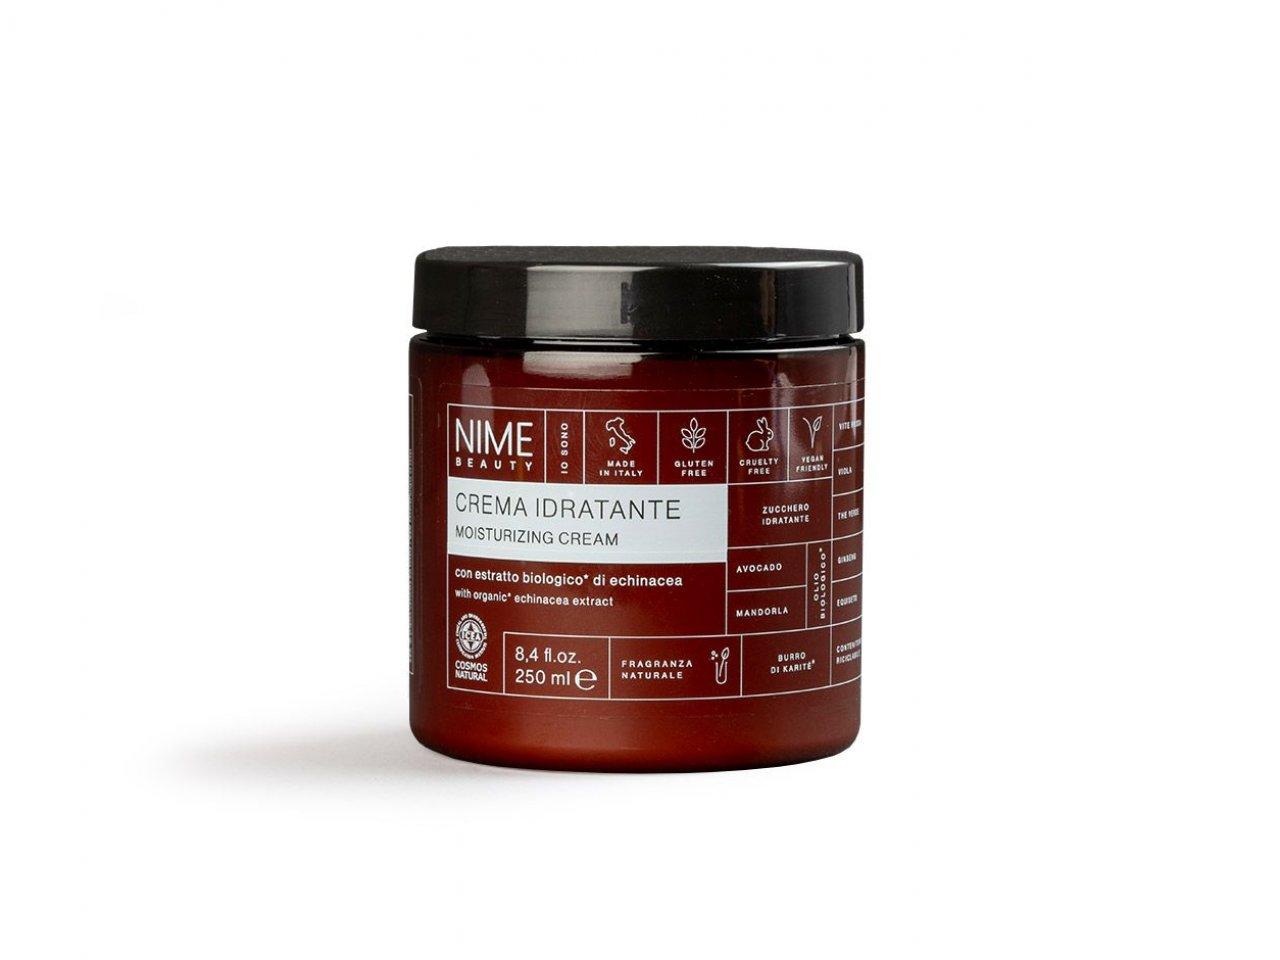 Crema Idratante con estratto biologico di echinacea - v2